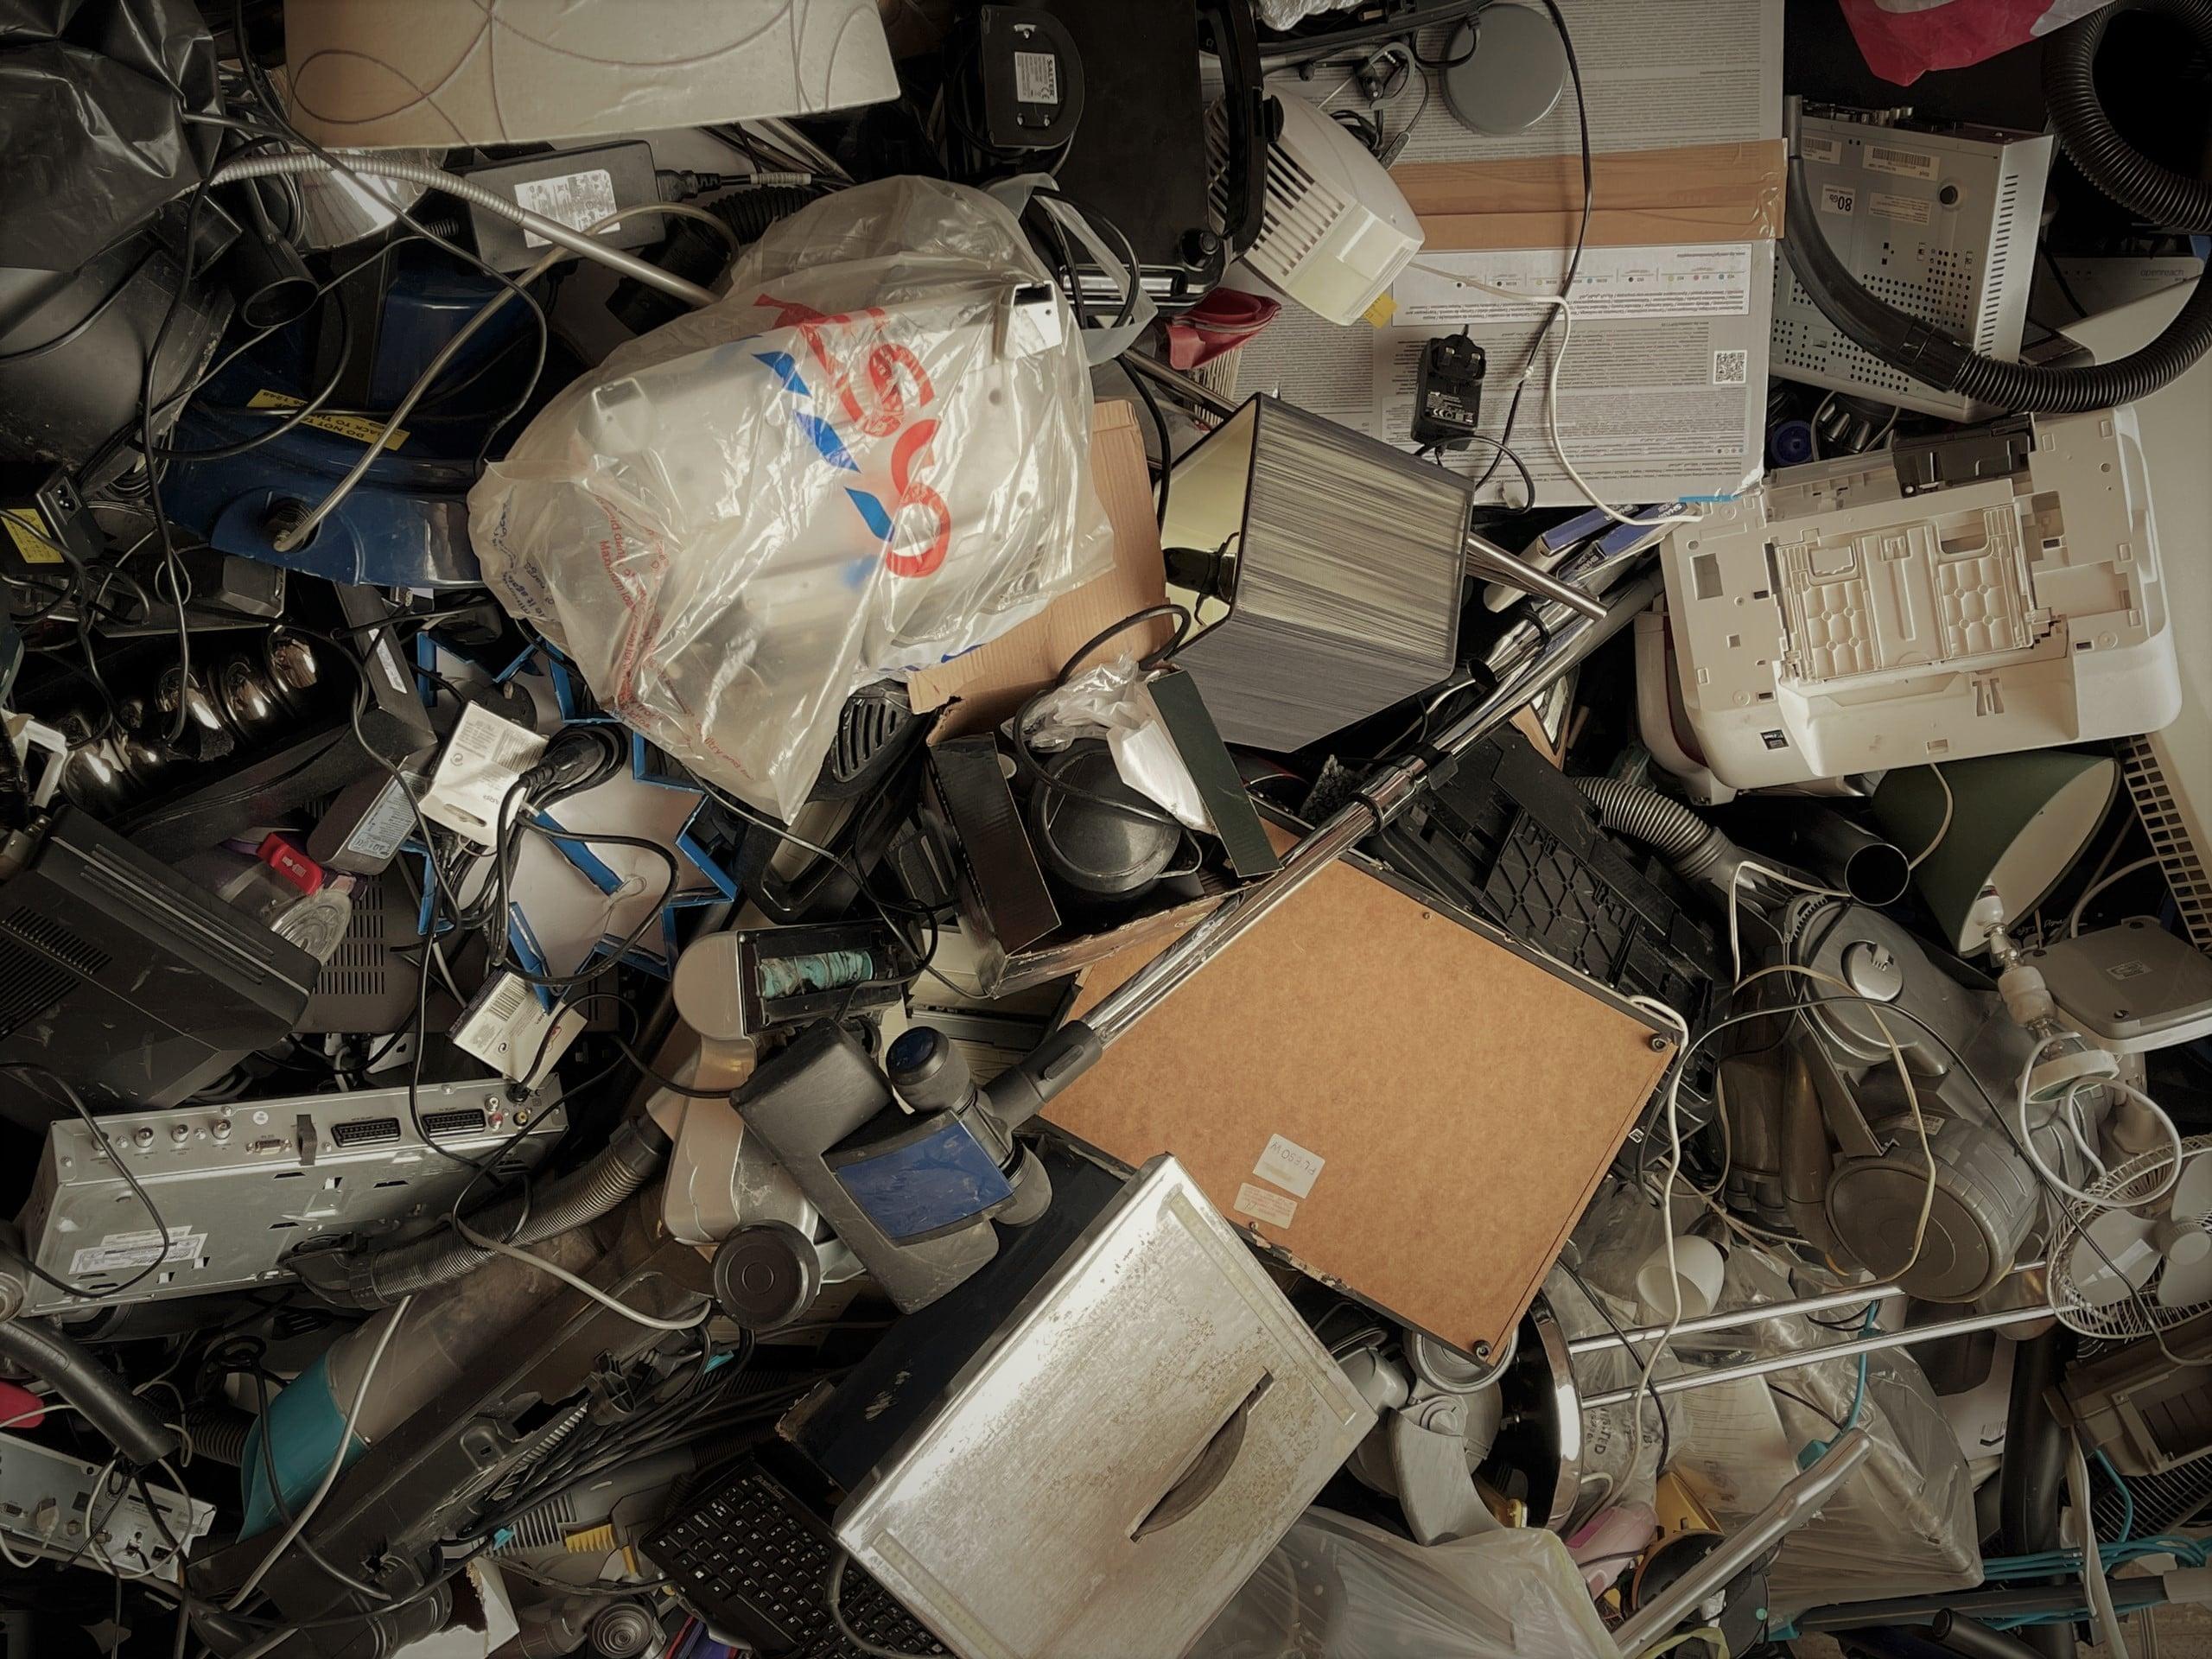 Conseils pour réduire simplement le gaspillage électronique